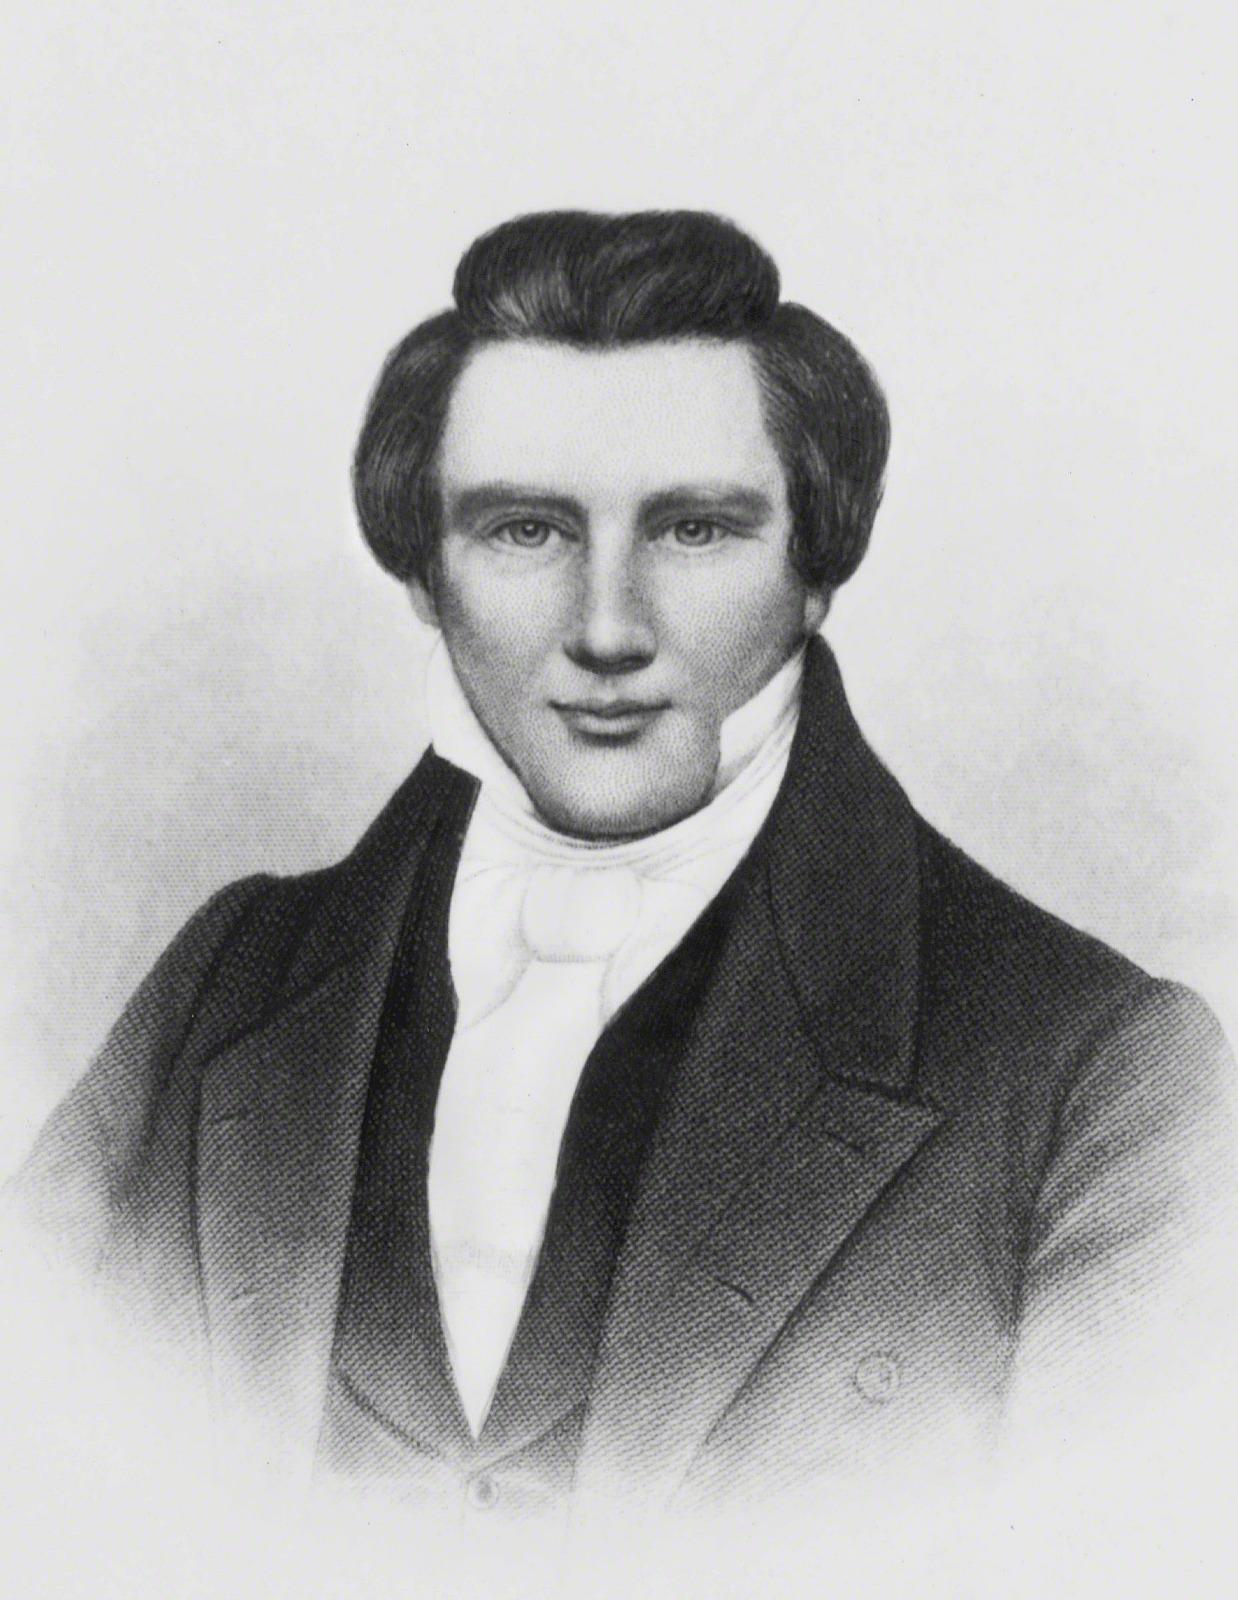 Joseph Smith, Jr. Joseph Smith